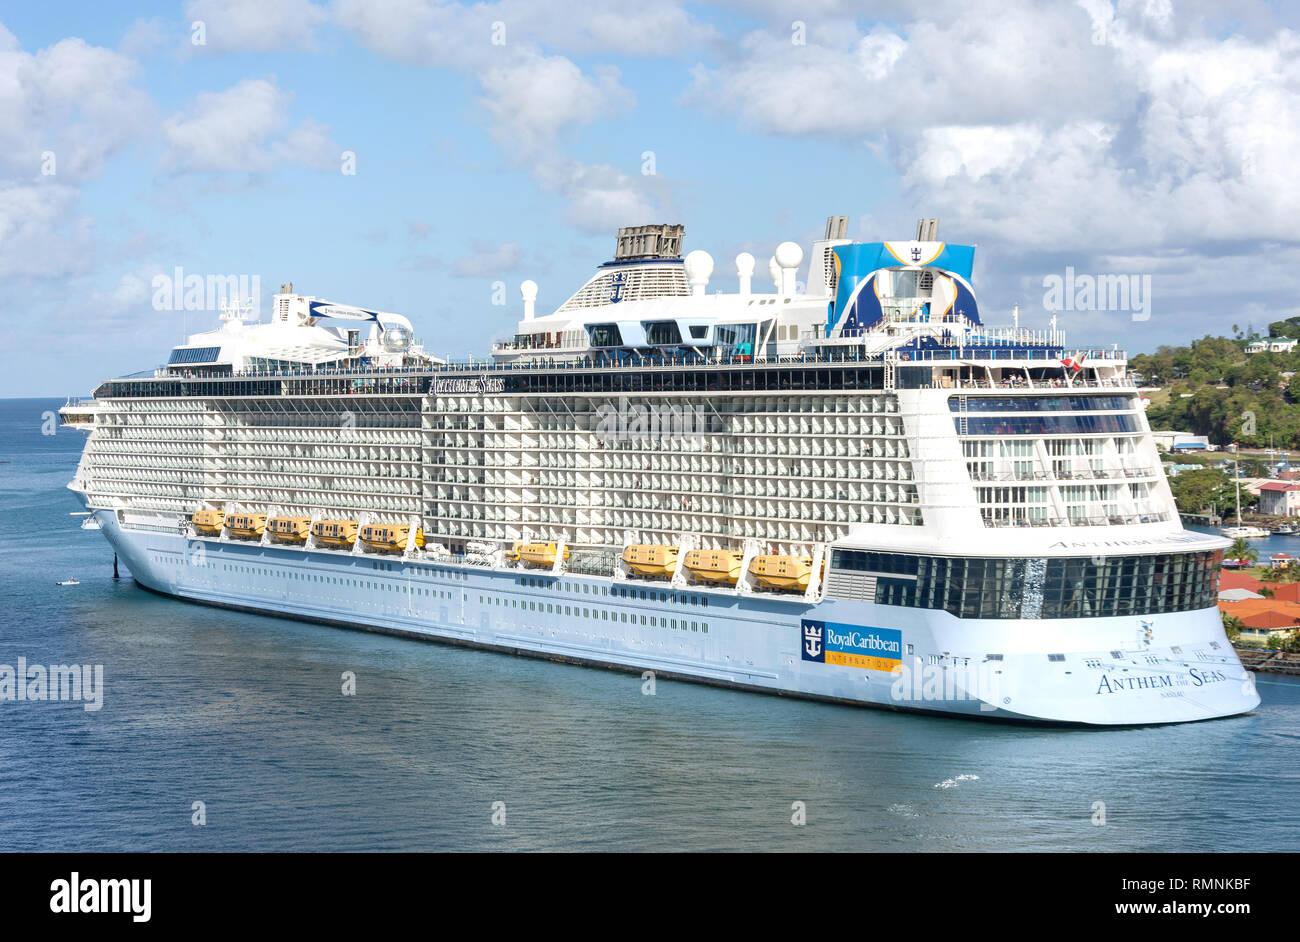 Royal Caribbean Cruise Ship Beach Stock Photos & Royal